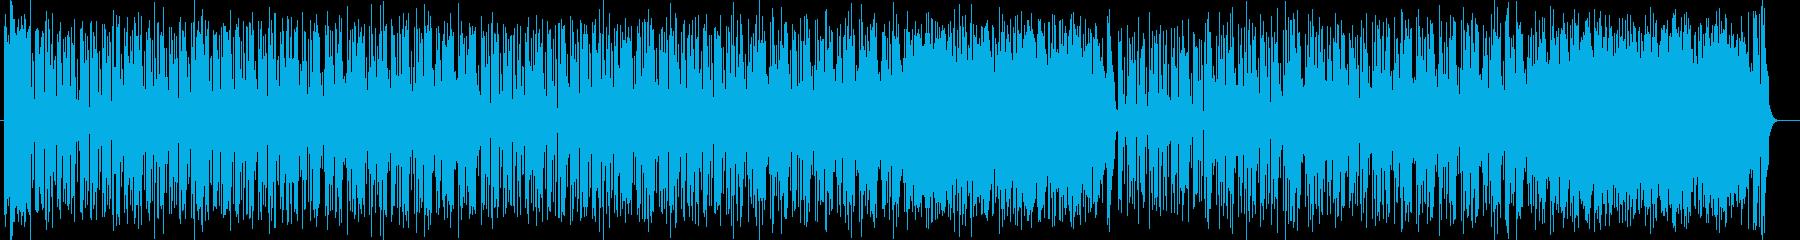 クールでカッコイイリズミカルなポップスの再生済みの波形